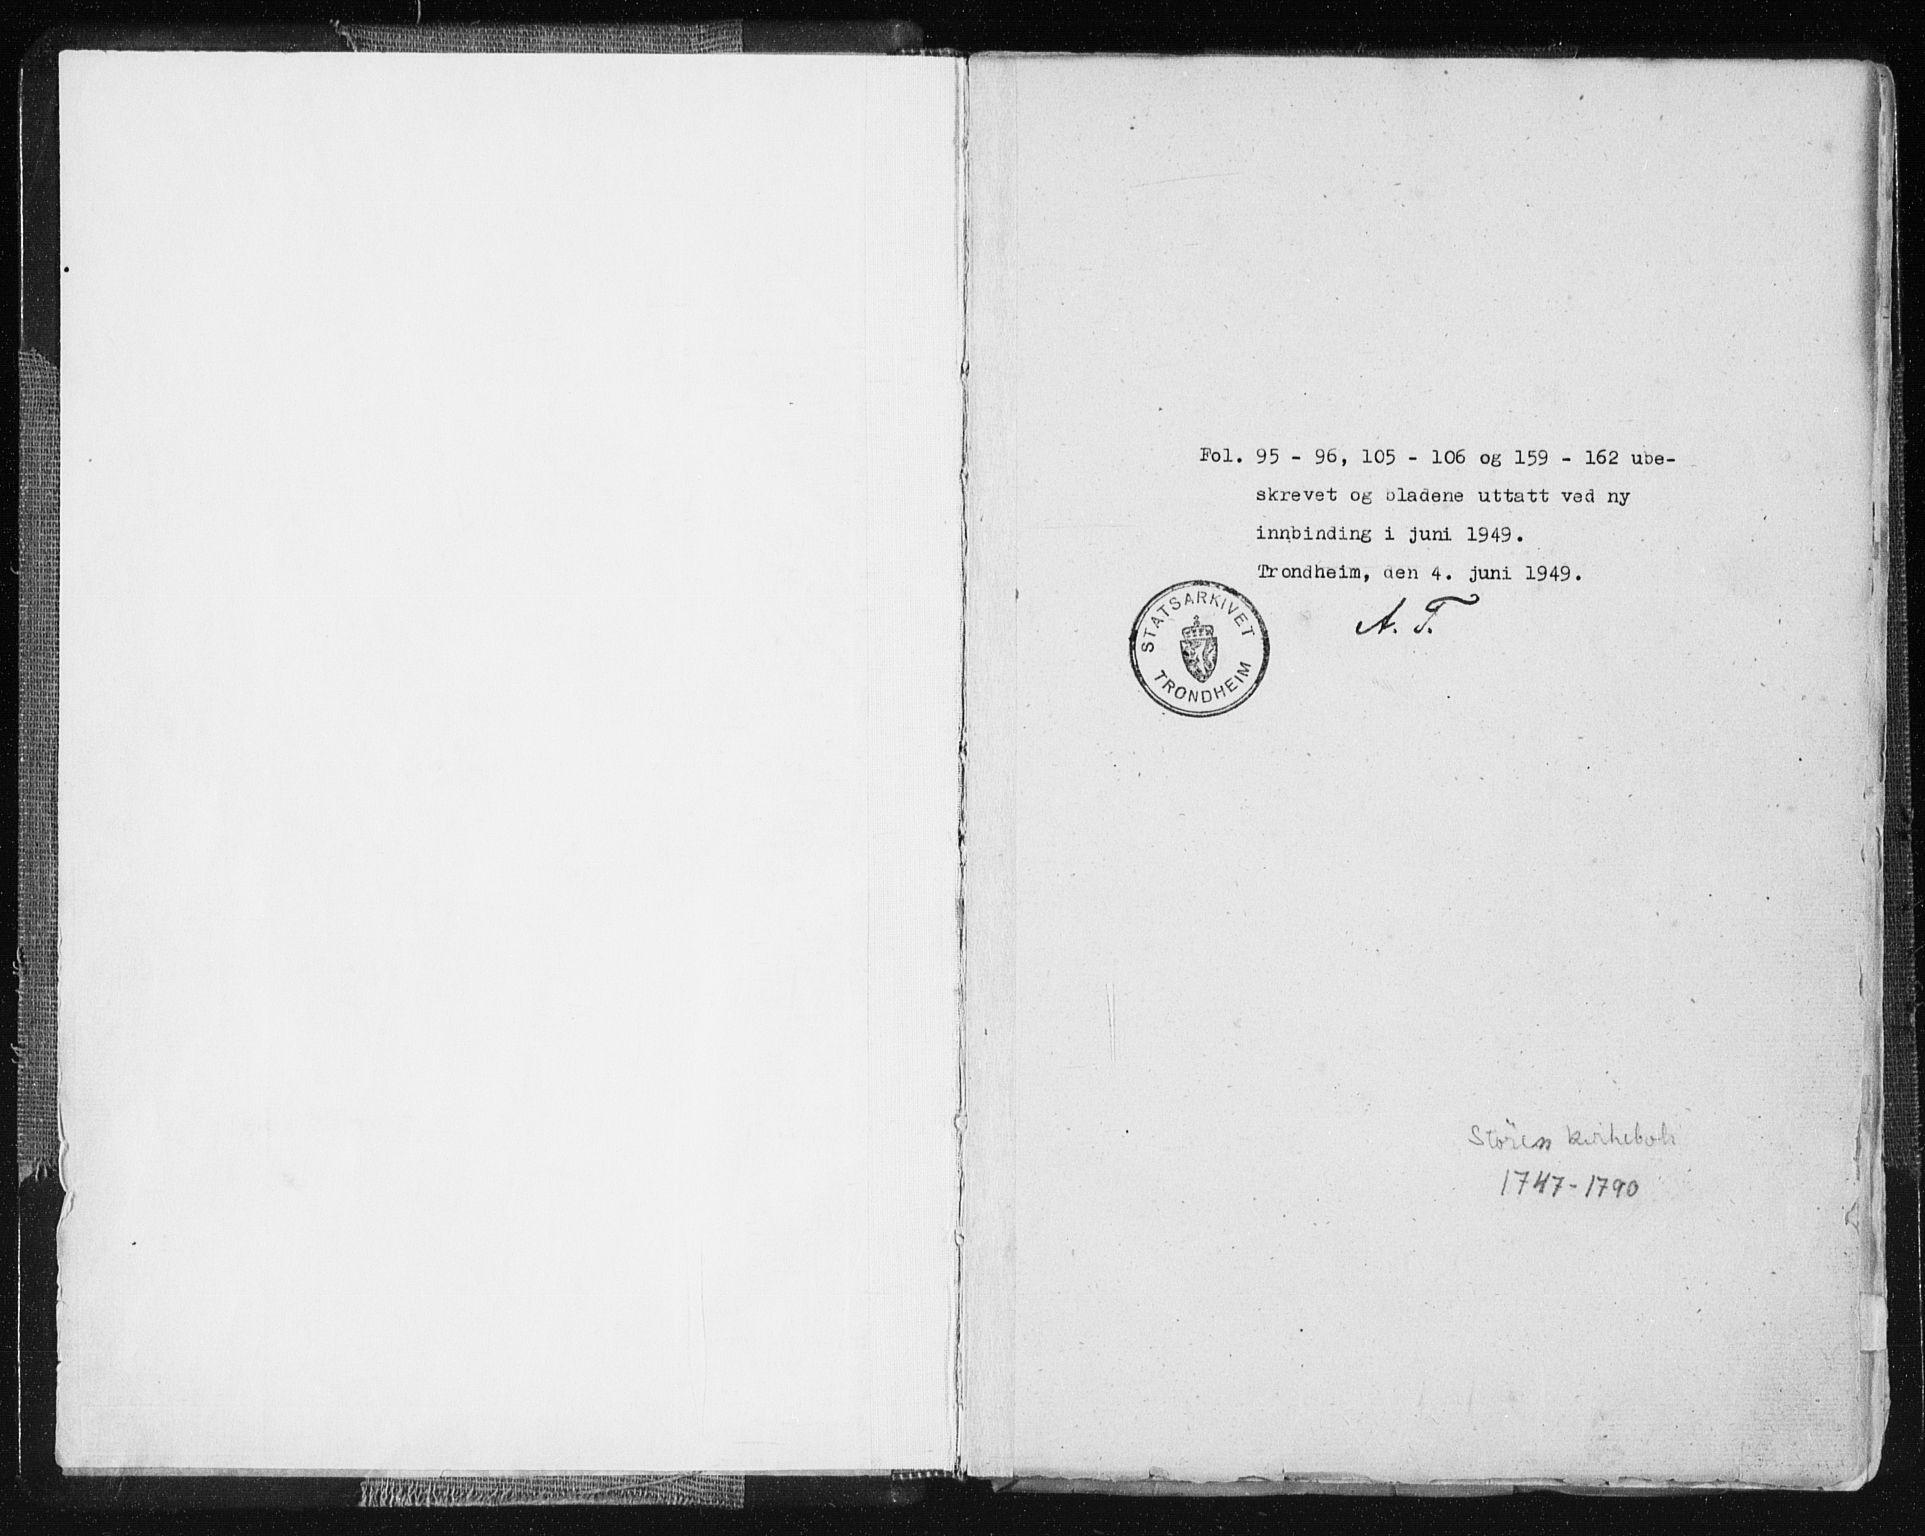 SAT, Ministerialprotokoller, klokkerbøker og fødselsregistre - Sør-Trøndelag, 687/L0991: Ministerialbok nr. 687A02, 1747-1790